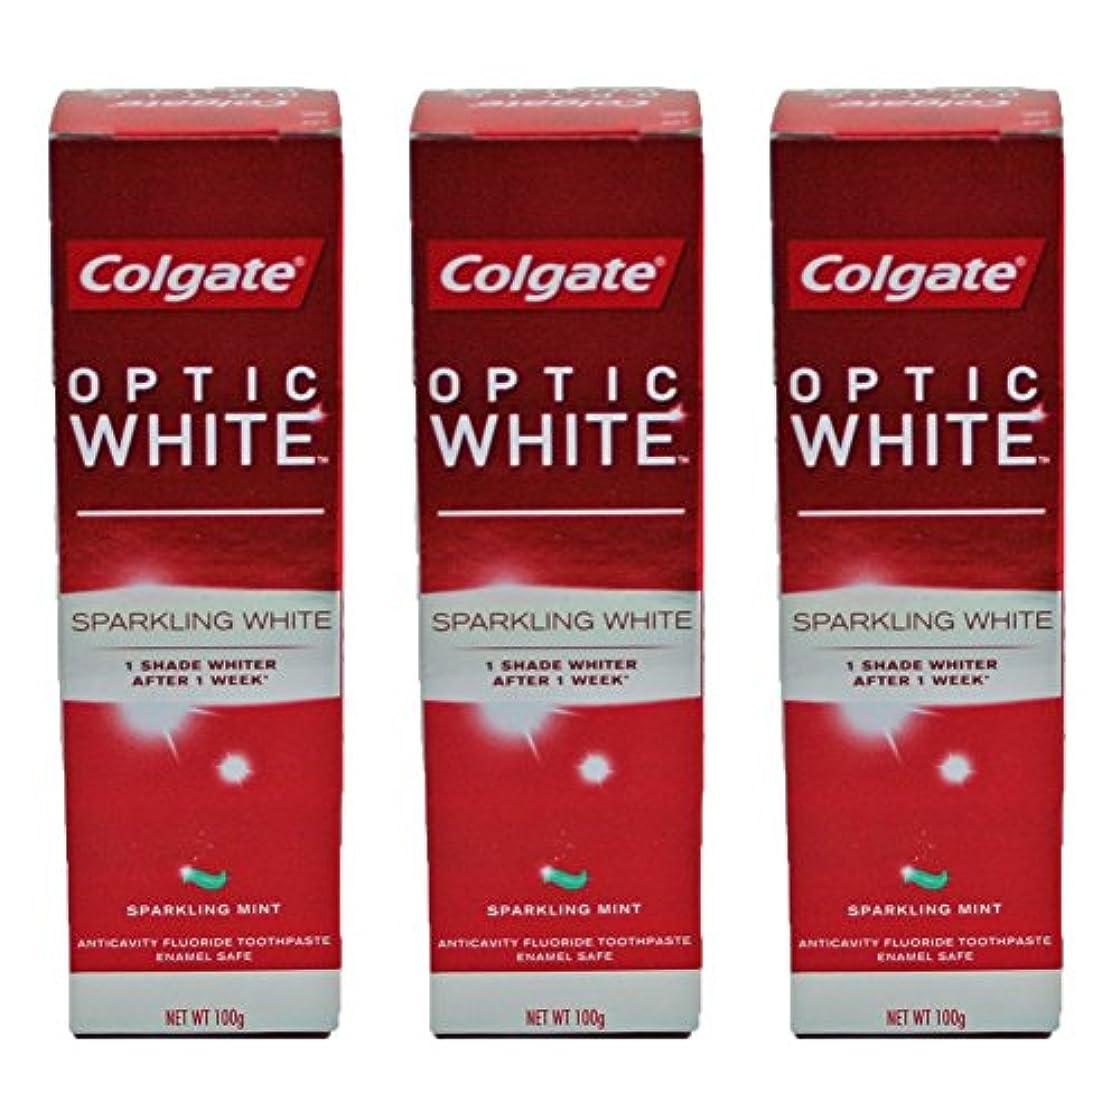 吐く朝の体操をする報酬のコールゲート オプティック ホワイト スパークリングシャイン 100g 3個セット [並行輸入品]